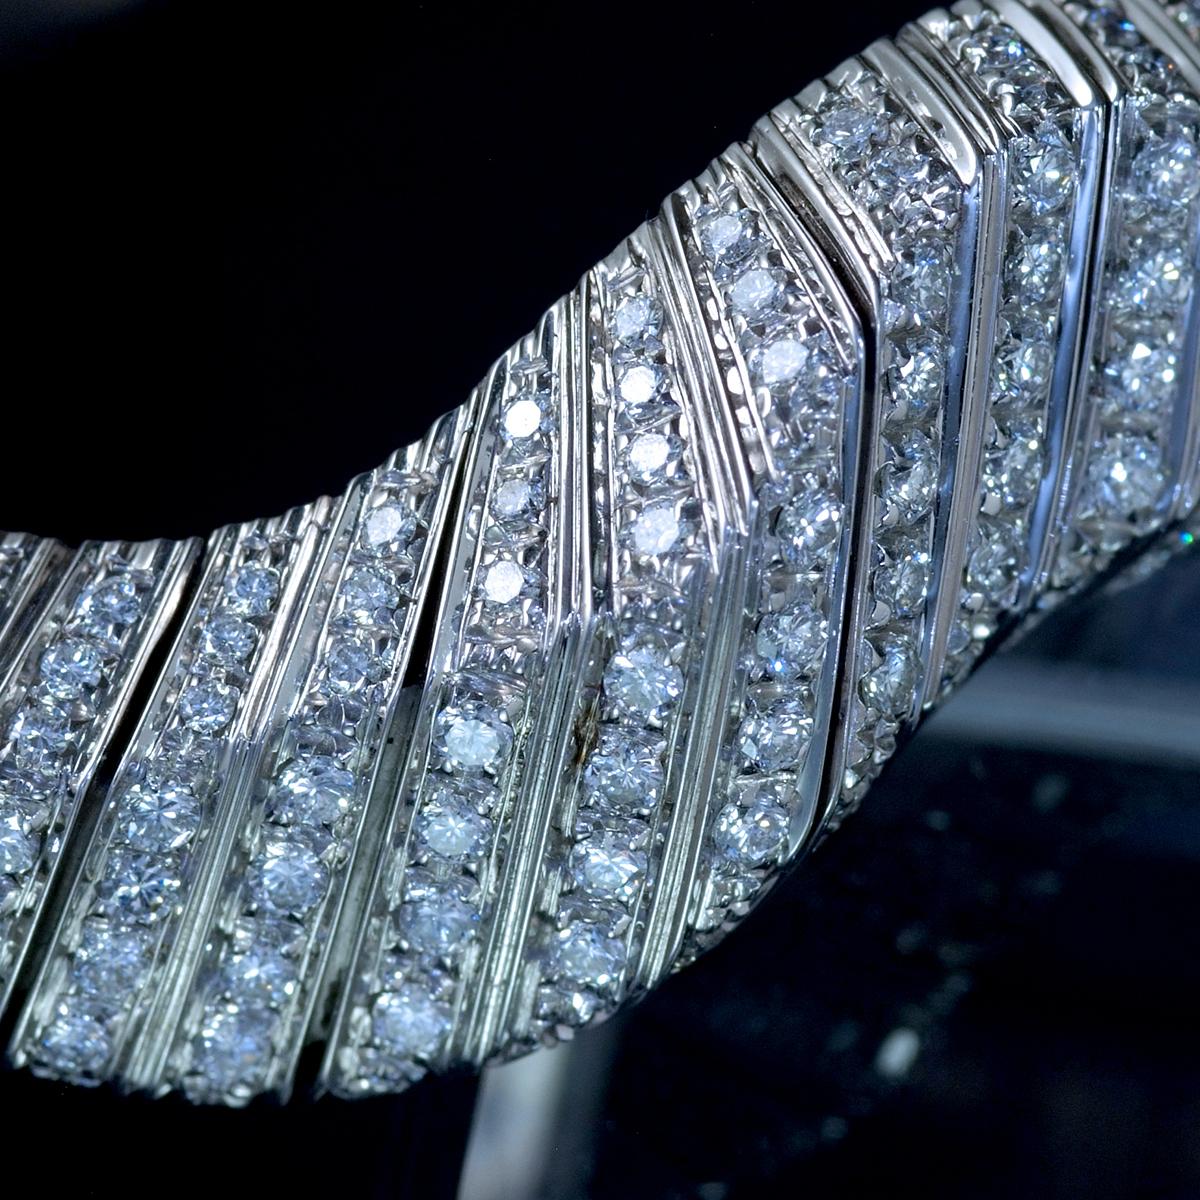 E9797 天然雲上ダイヤモンド7.84ct 最高級18金WG無垢セレブリティビッグバングル 腕周り16.5cm 重量81.94g 幅30.5mm_画像6